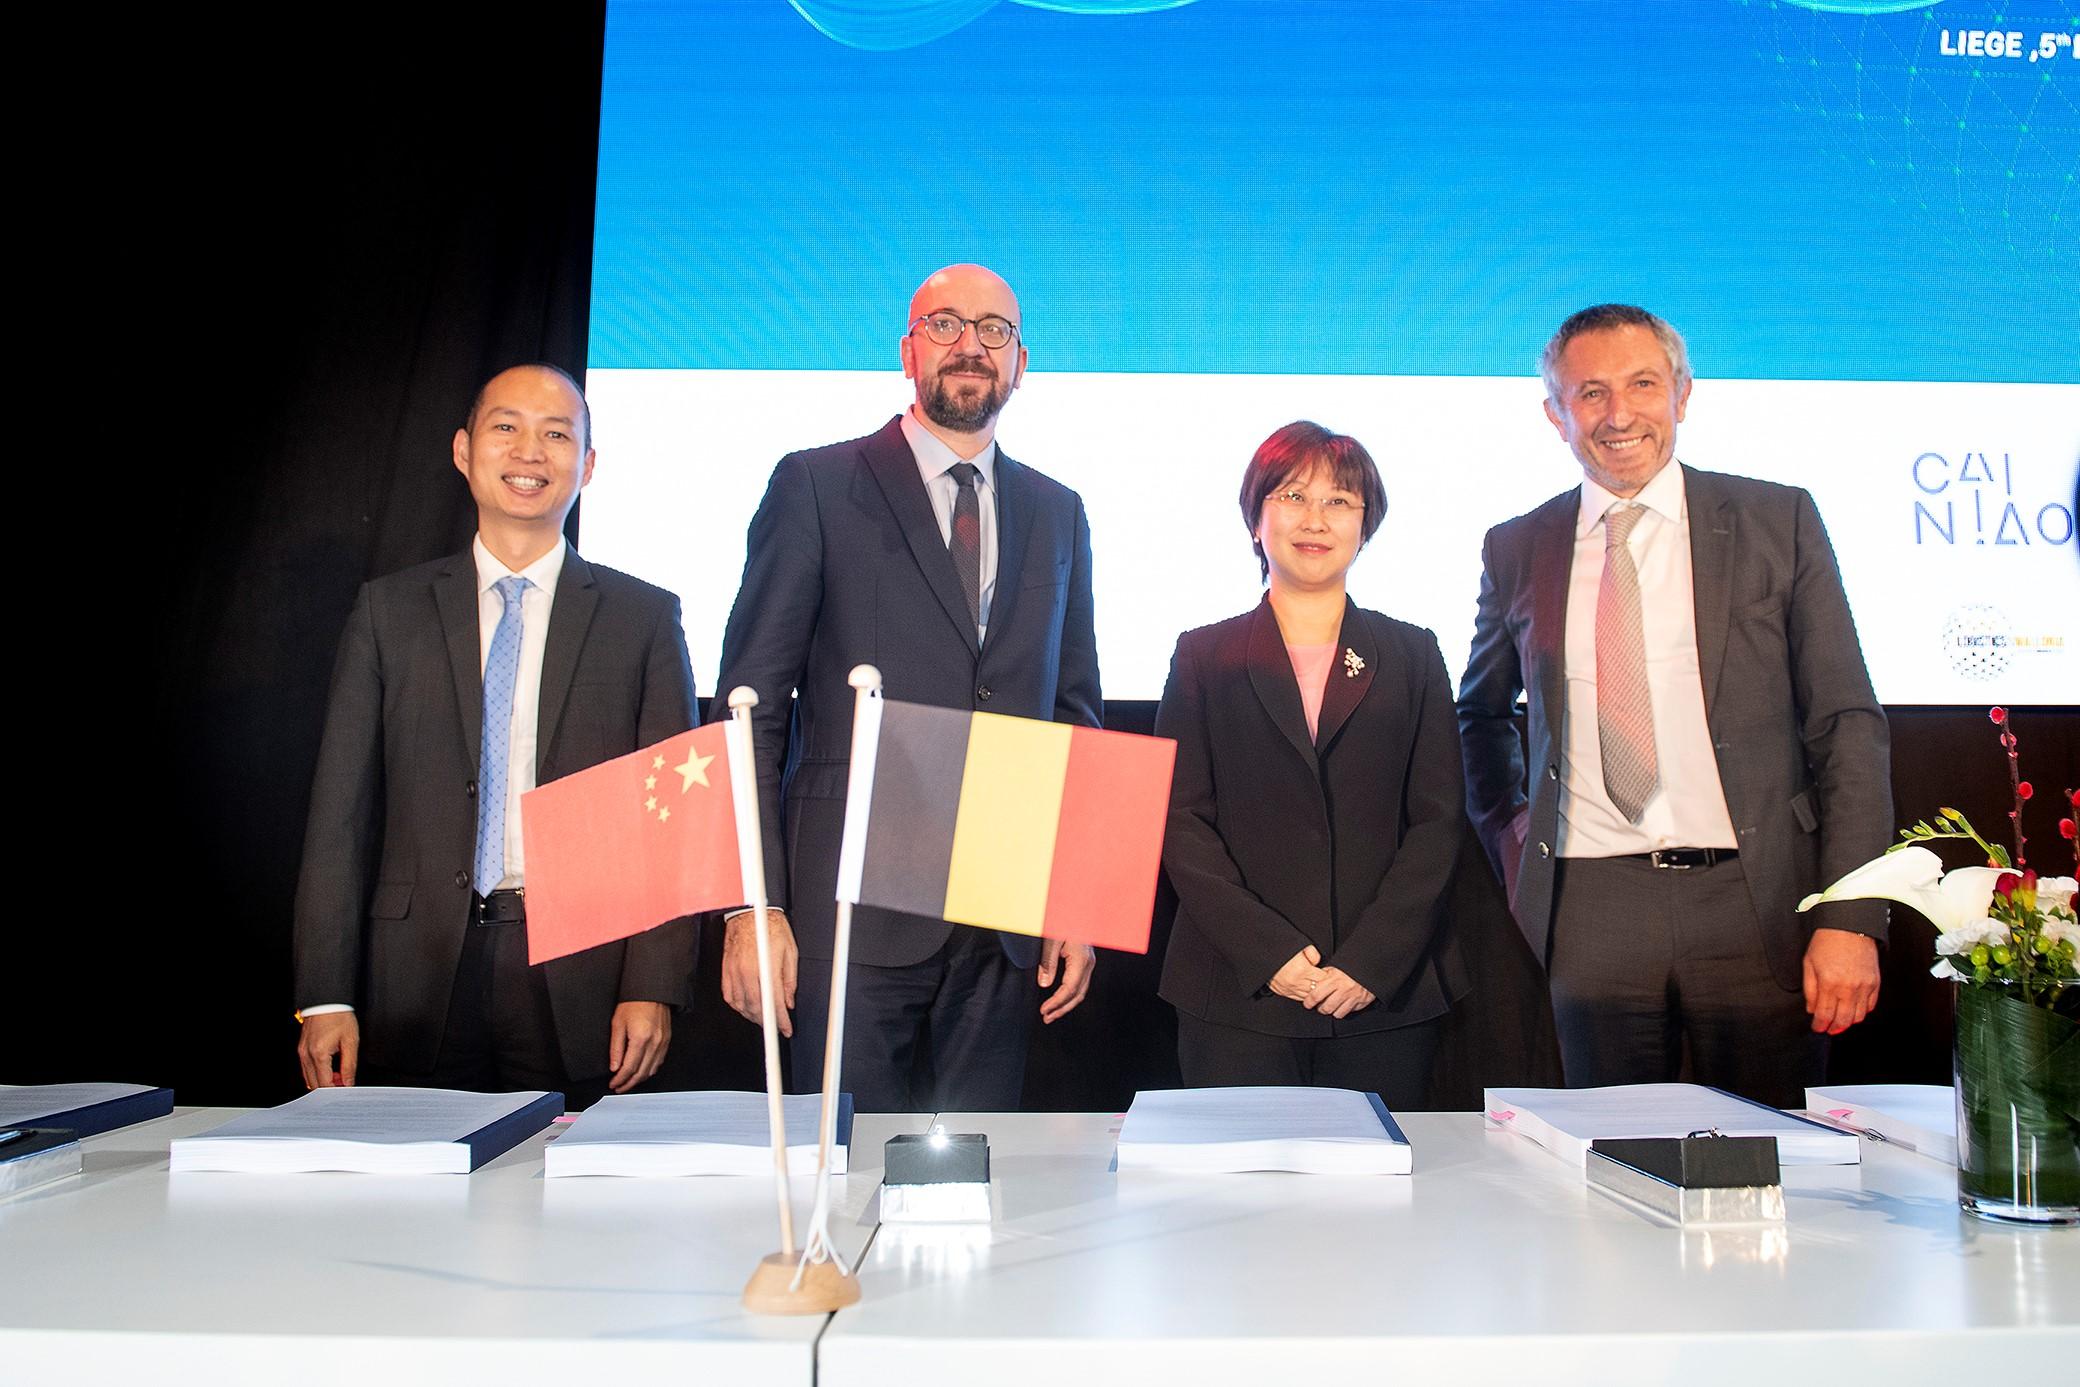 eWTP首入欧洲 外媒:为比利时及周边开启新机遇